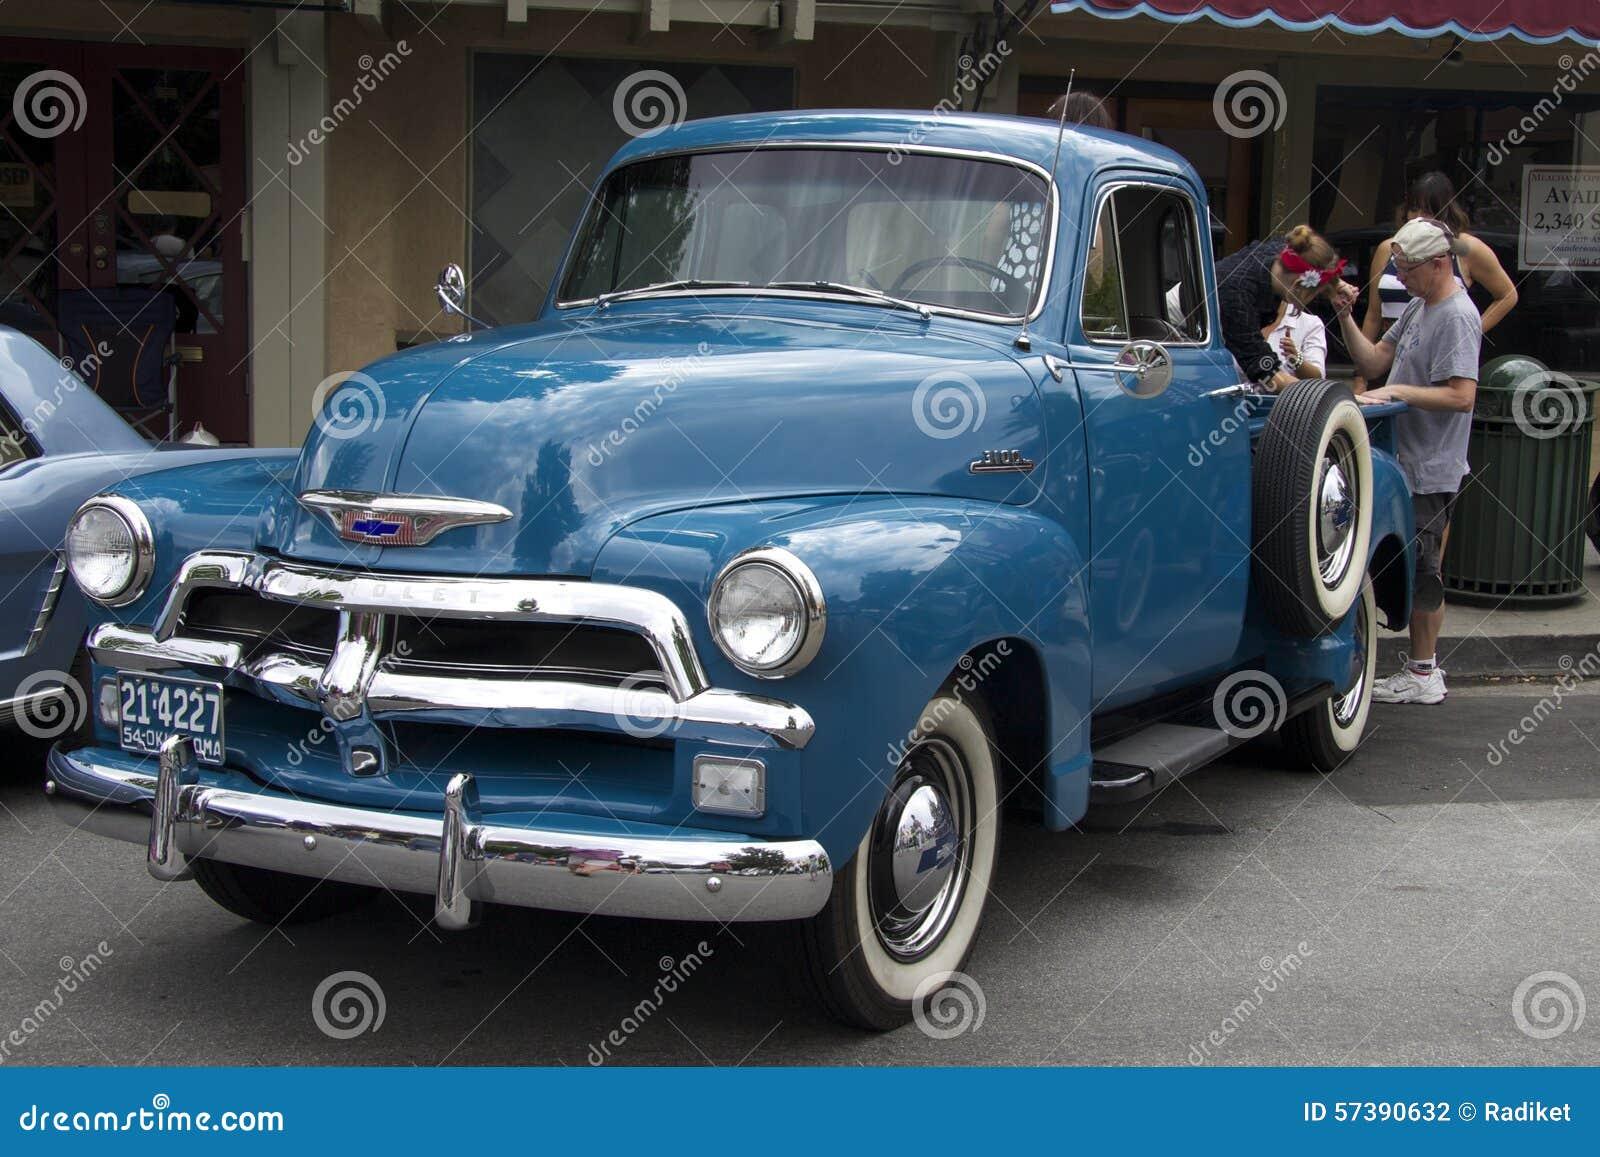 Blauwe Chevy-pick-up dichtbij de koffie Front View